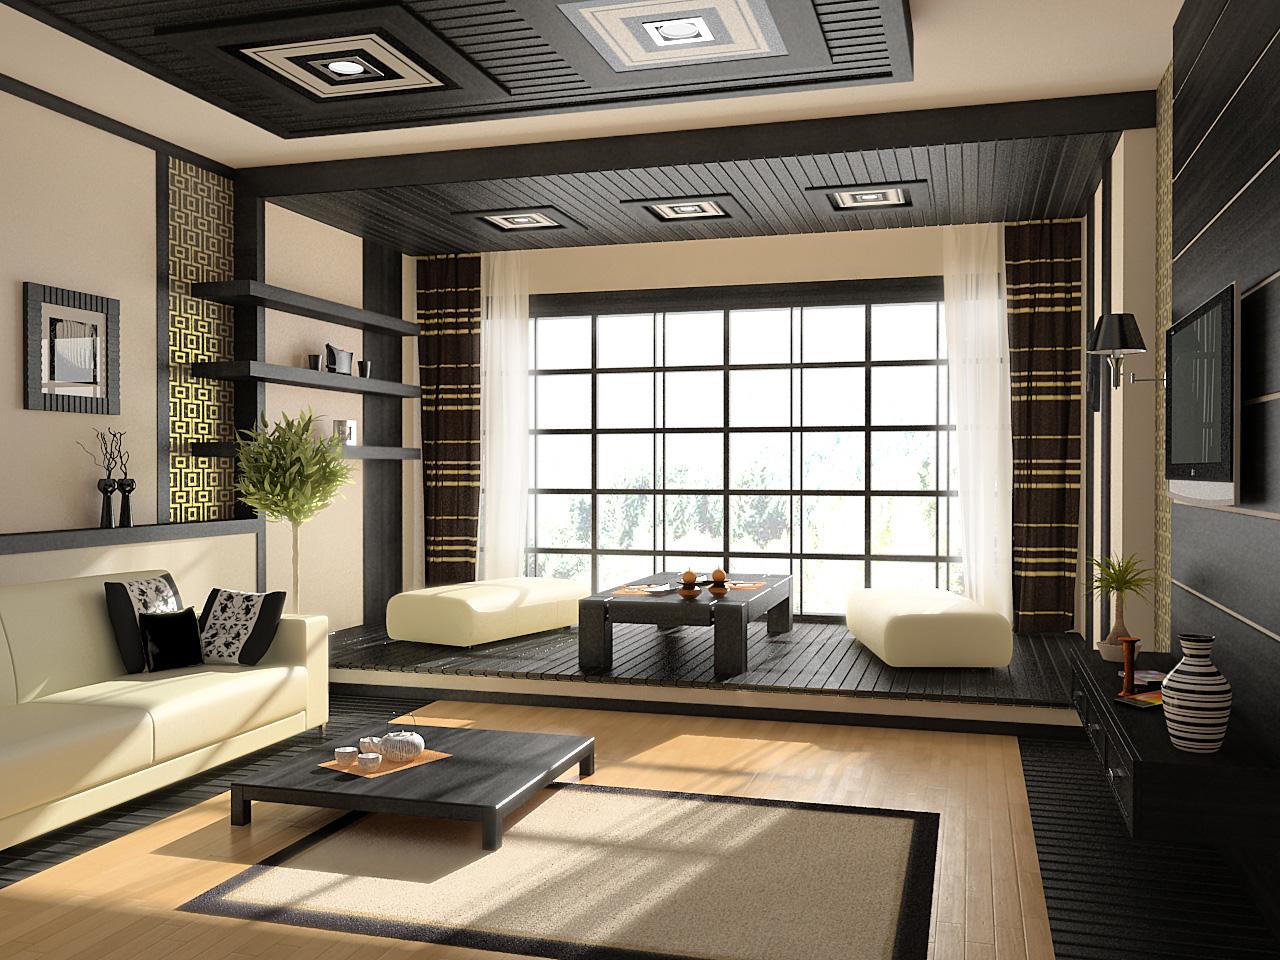 Гостиные мебель фото дизайн